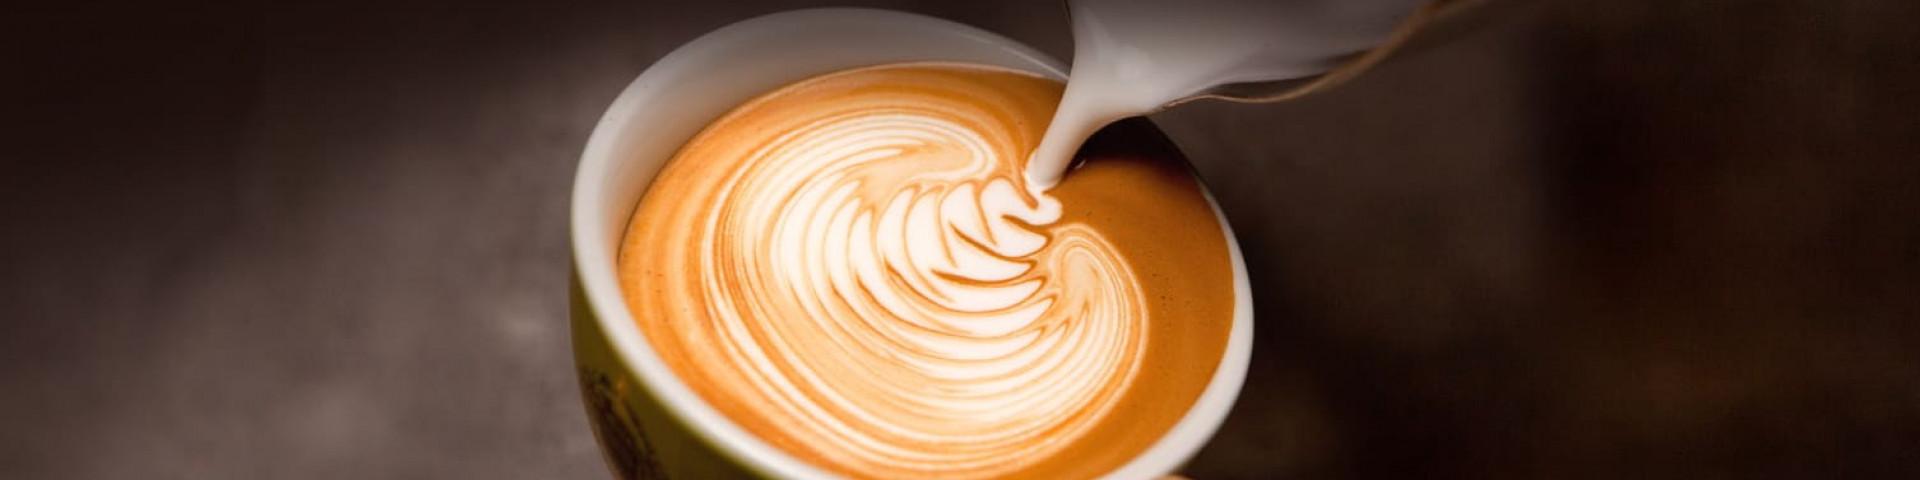 Будет вкусно: рейтинг лучших марок молока для капучино 2021 года